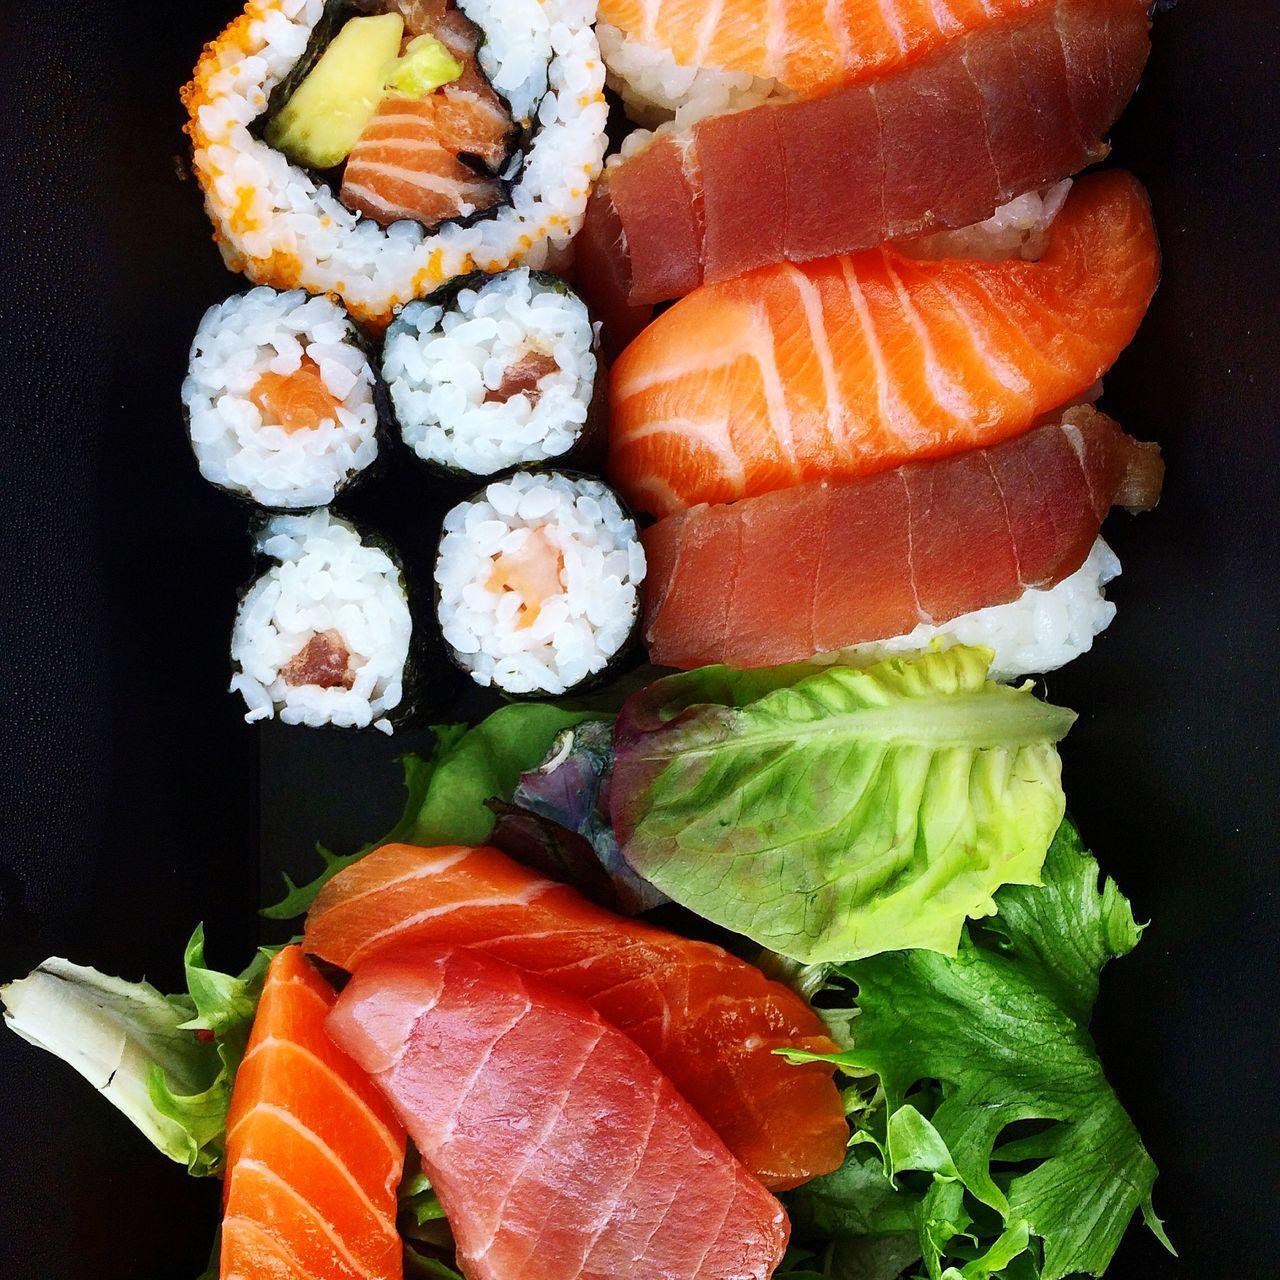 Sushi Nigiri Maki Nori Salmon Tuna Fish Fresh Japanese Food Takeaway